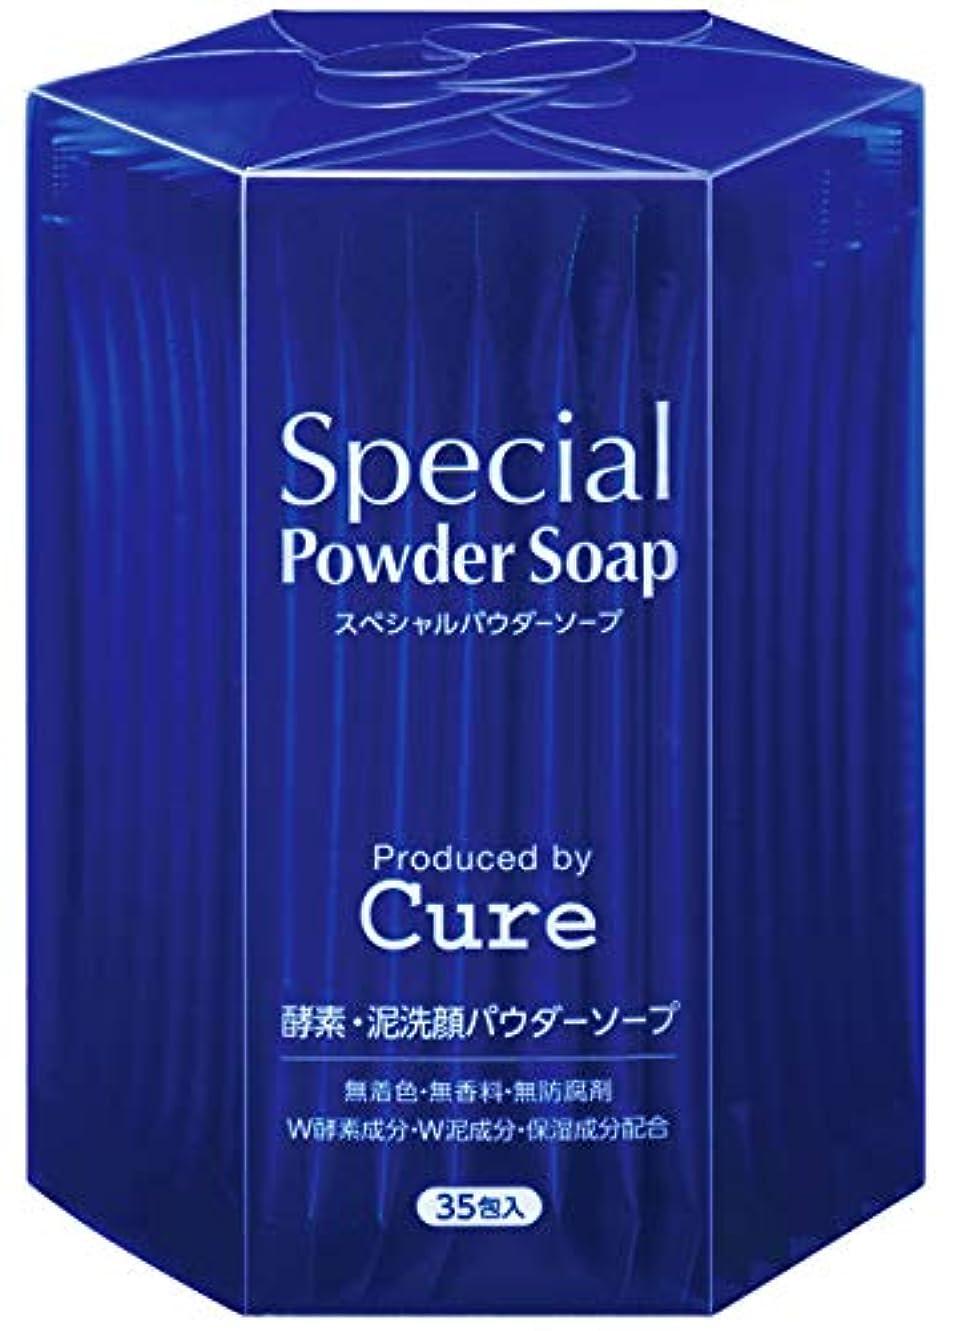 騒ぎひも実験Cure(キュア) 酵素洗顔 Special Powder Soap Cure スペシャルパウダーソープキュア 0.6g×35包 g×35包